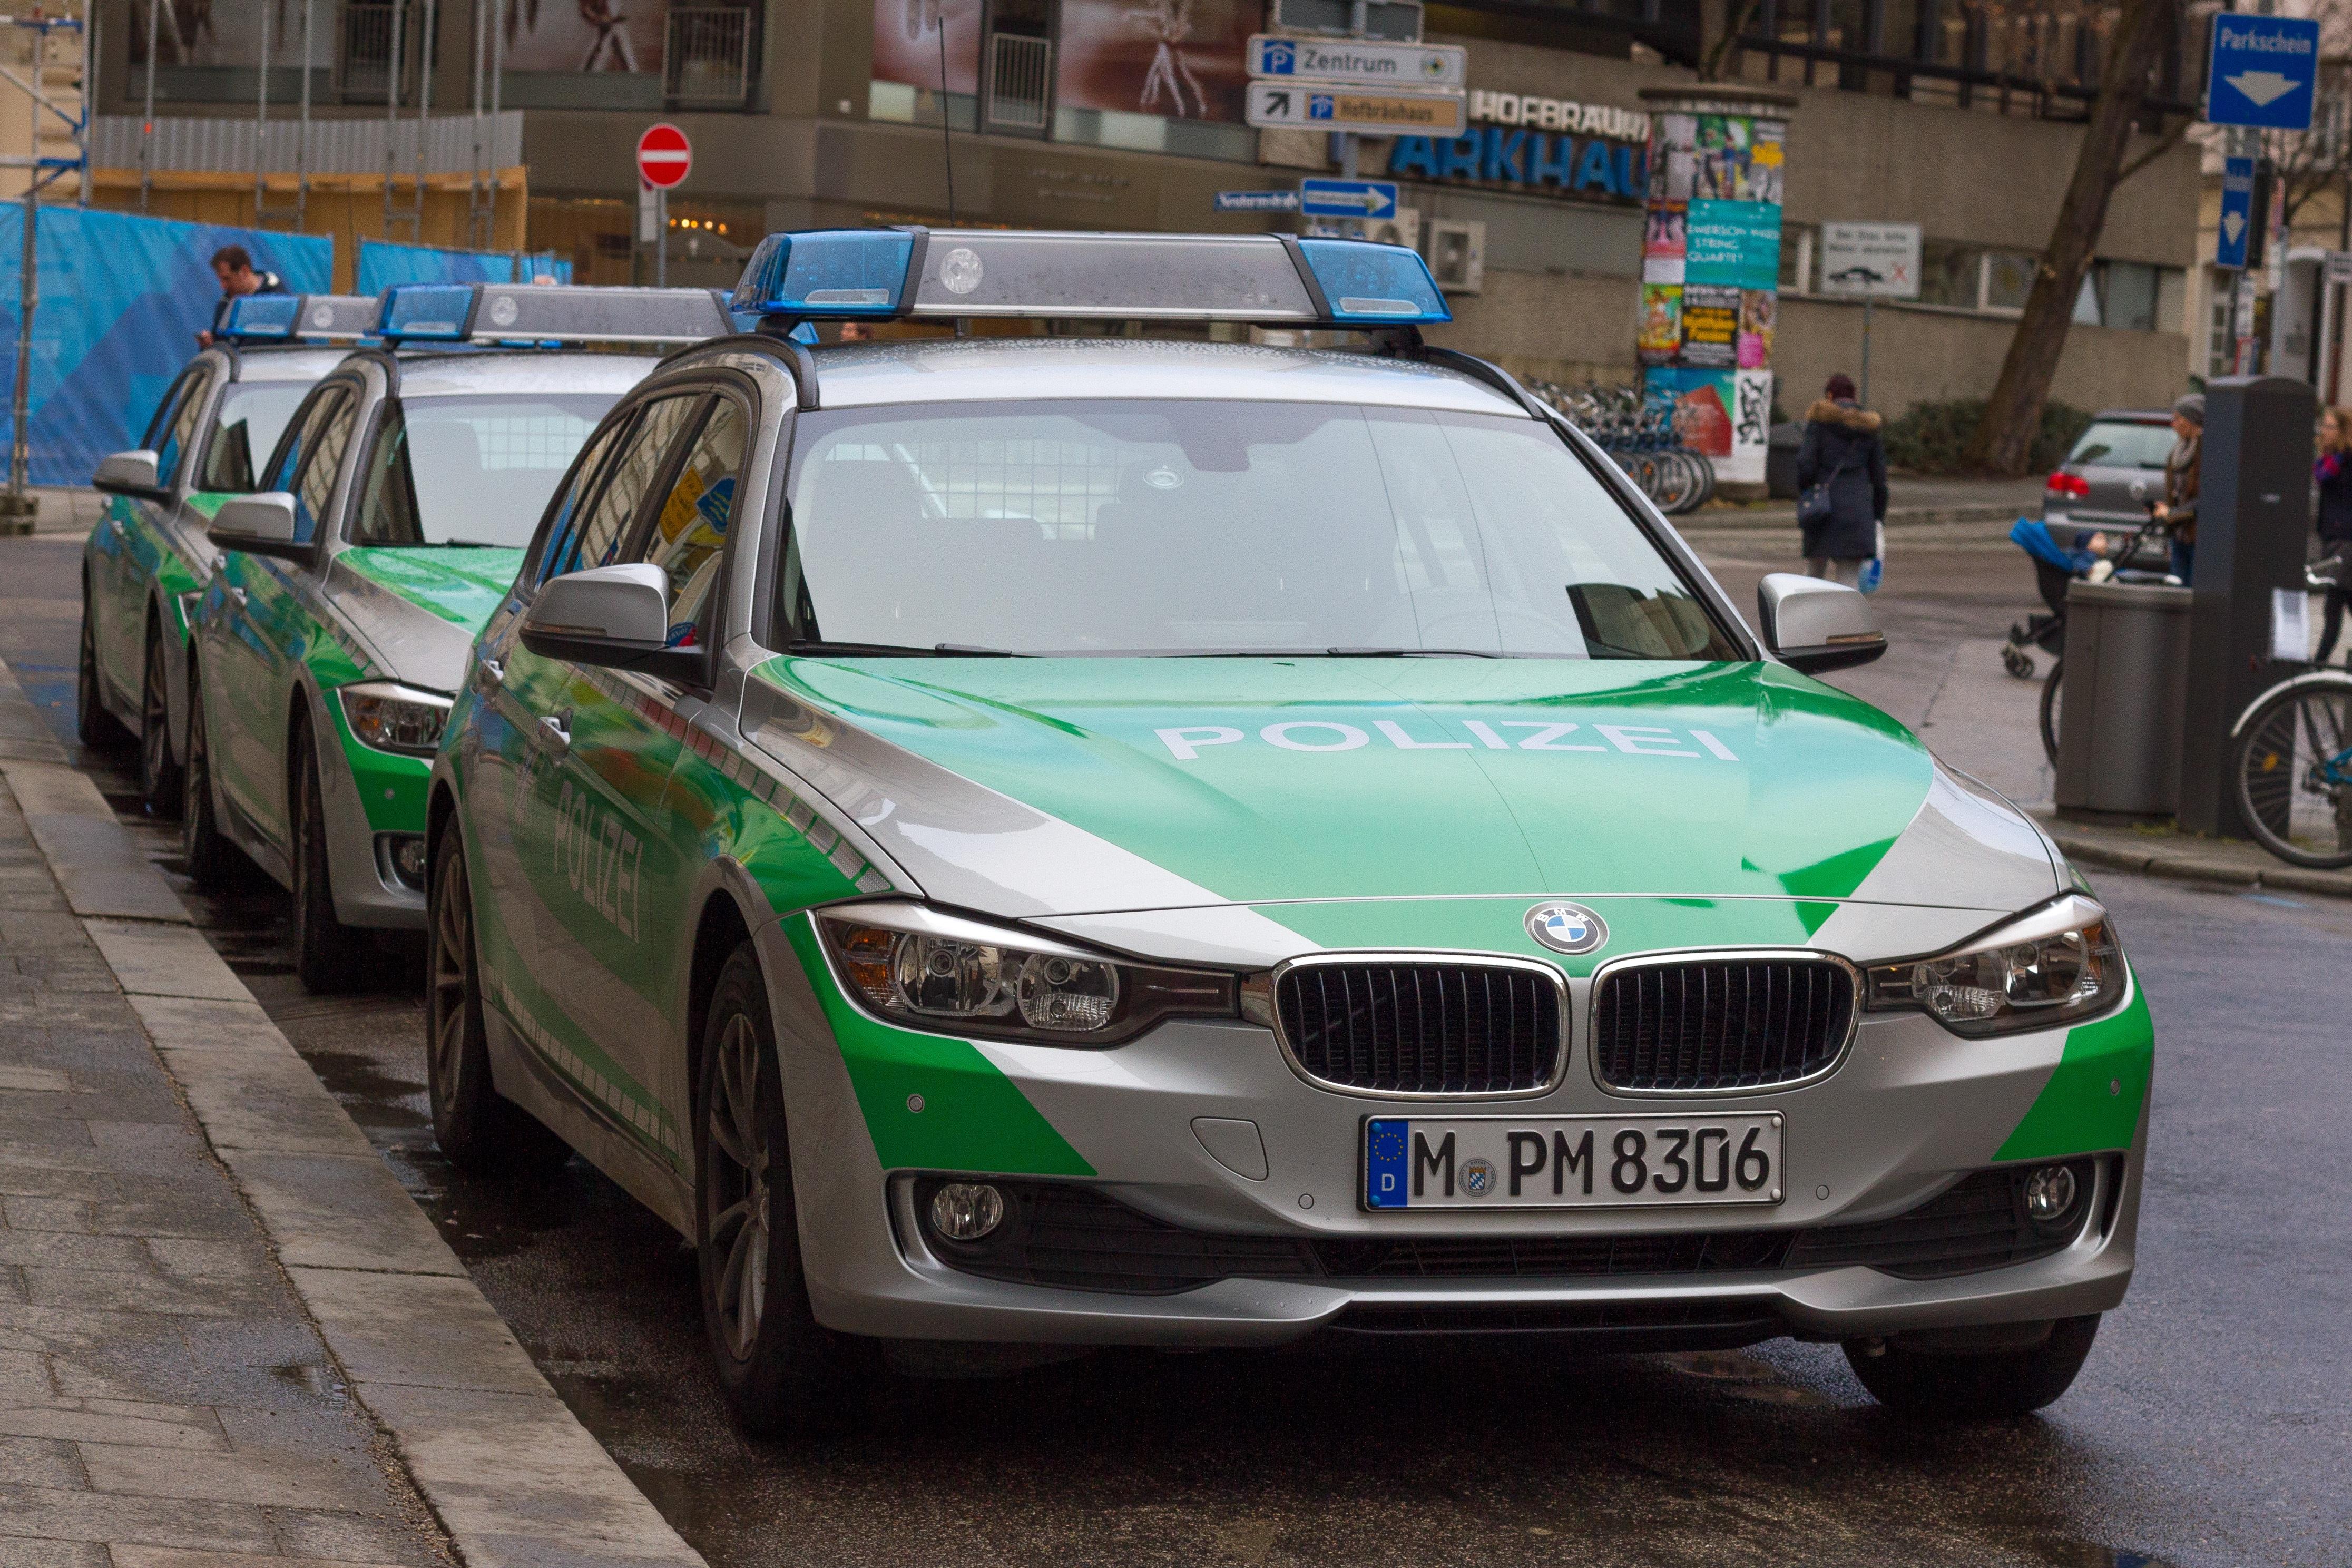 hình ảnh : xe hơi, màu xanh lá, Tự động, xe thể thao, Sedan, cảnh sát, Bavaria, Munich, đèn xanh, xe cảnh sát, xe tuân tra, Xe đất, Ô tô làm, ...